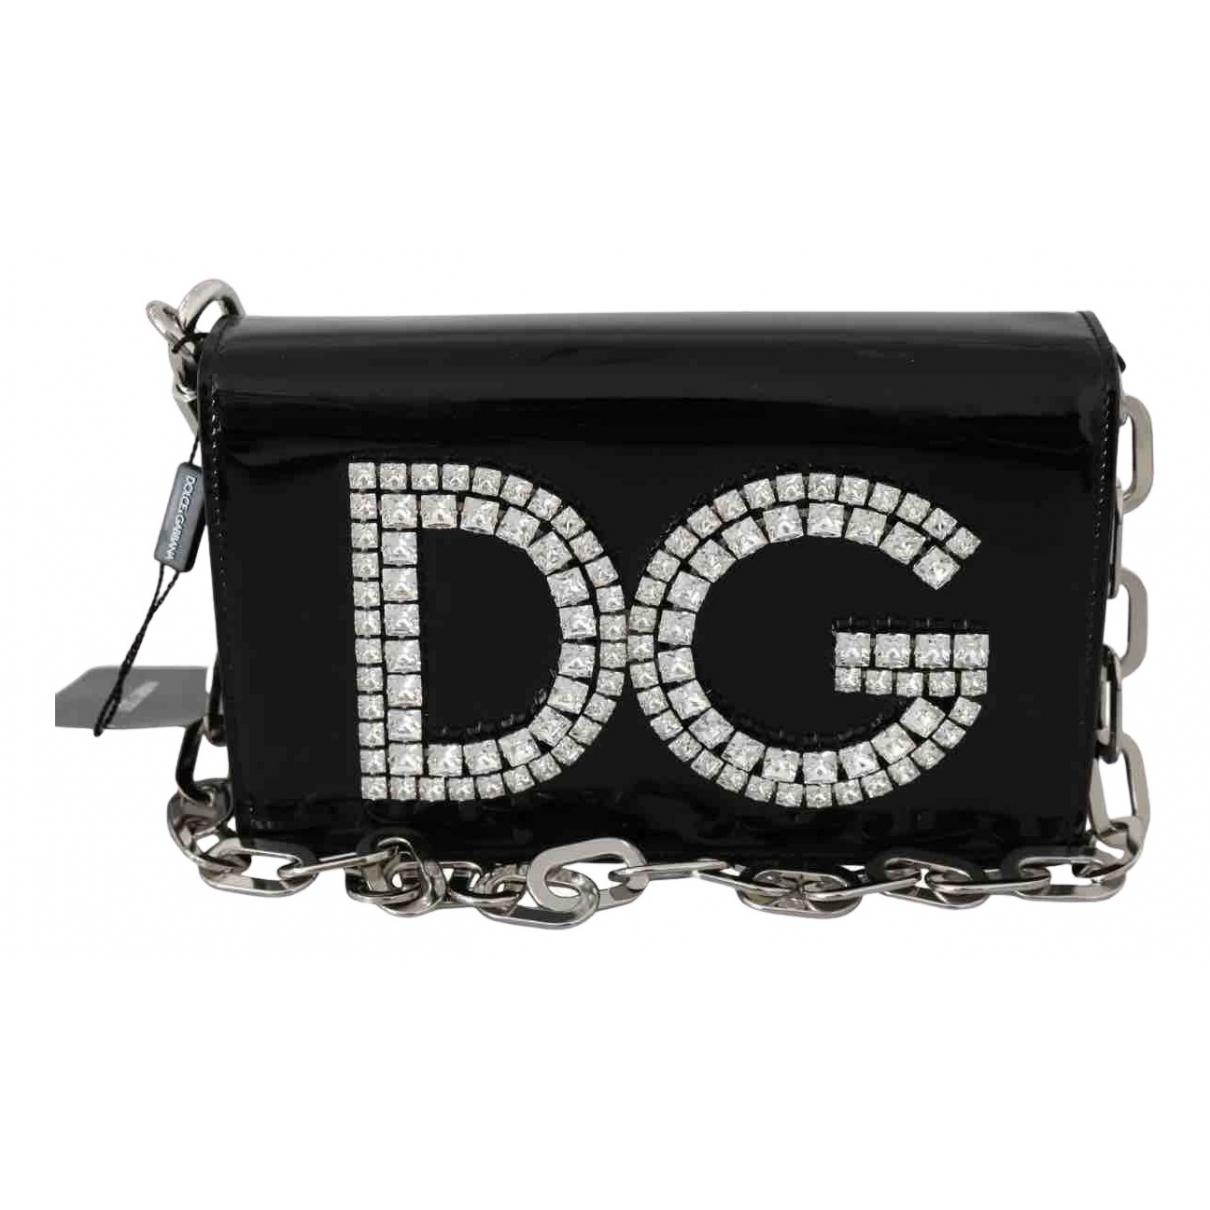 Dolce & Gabbana DG Girls Black Patent leather handbag for Women N